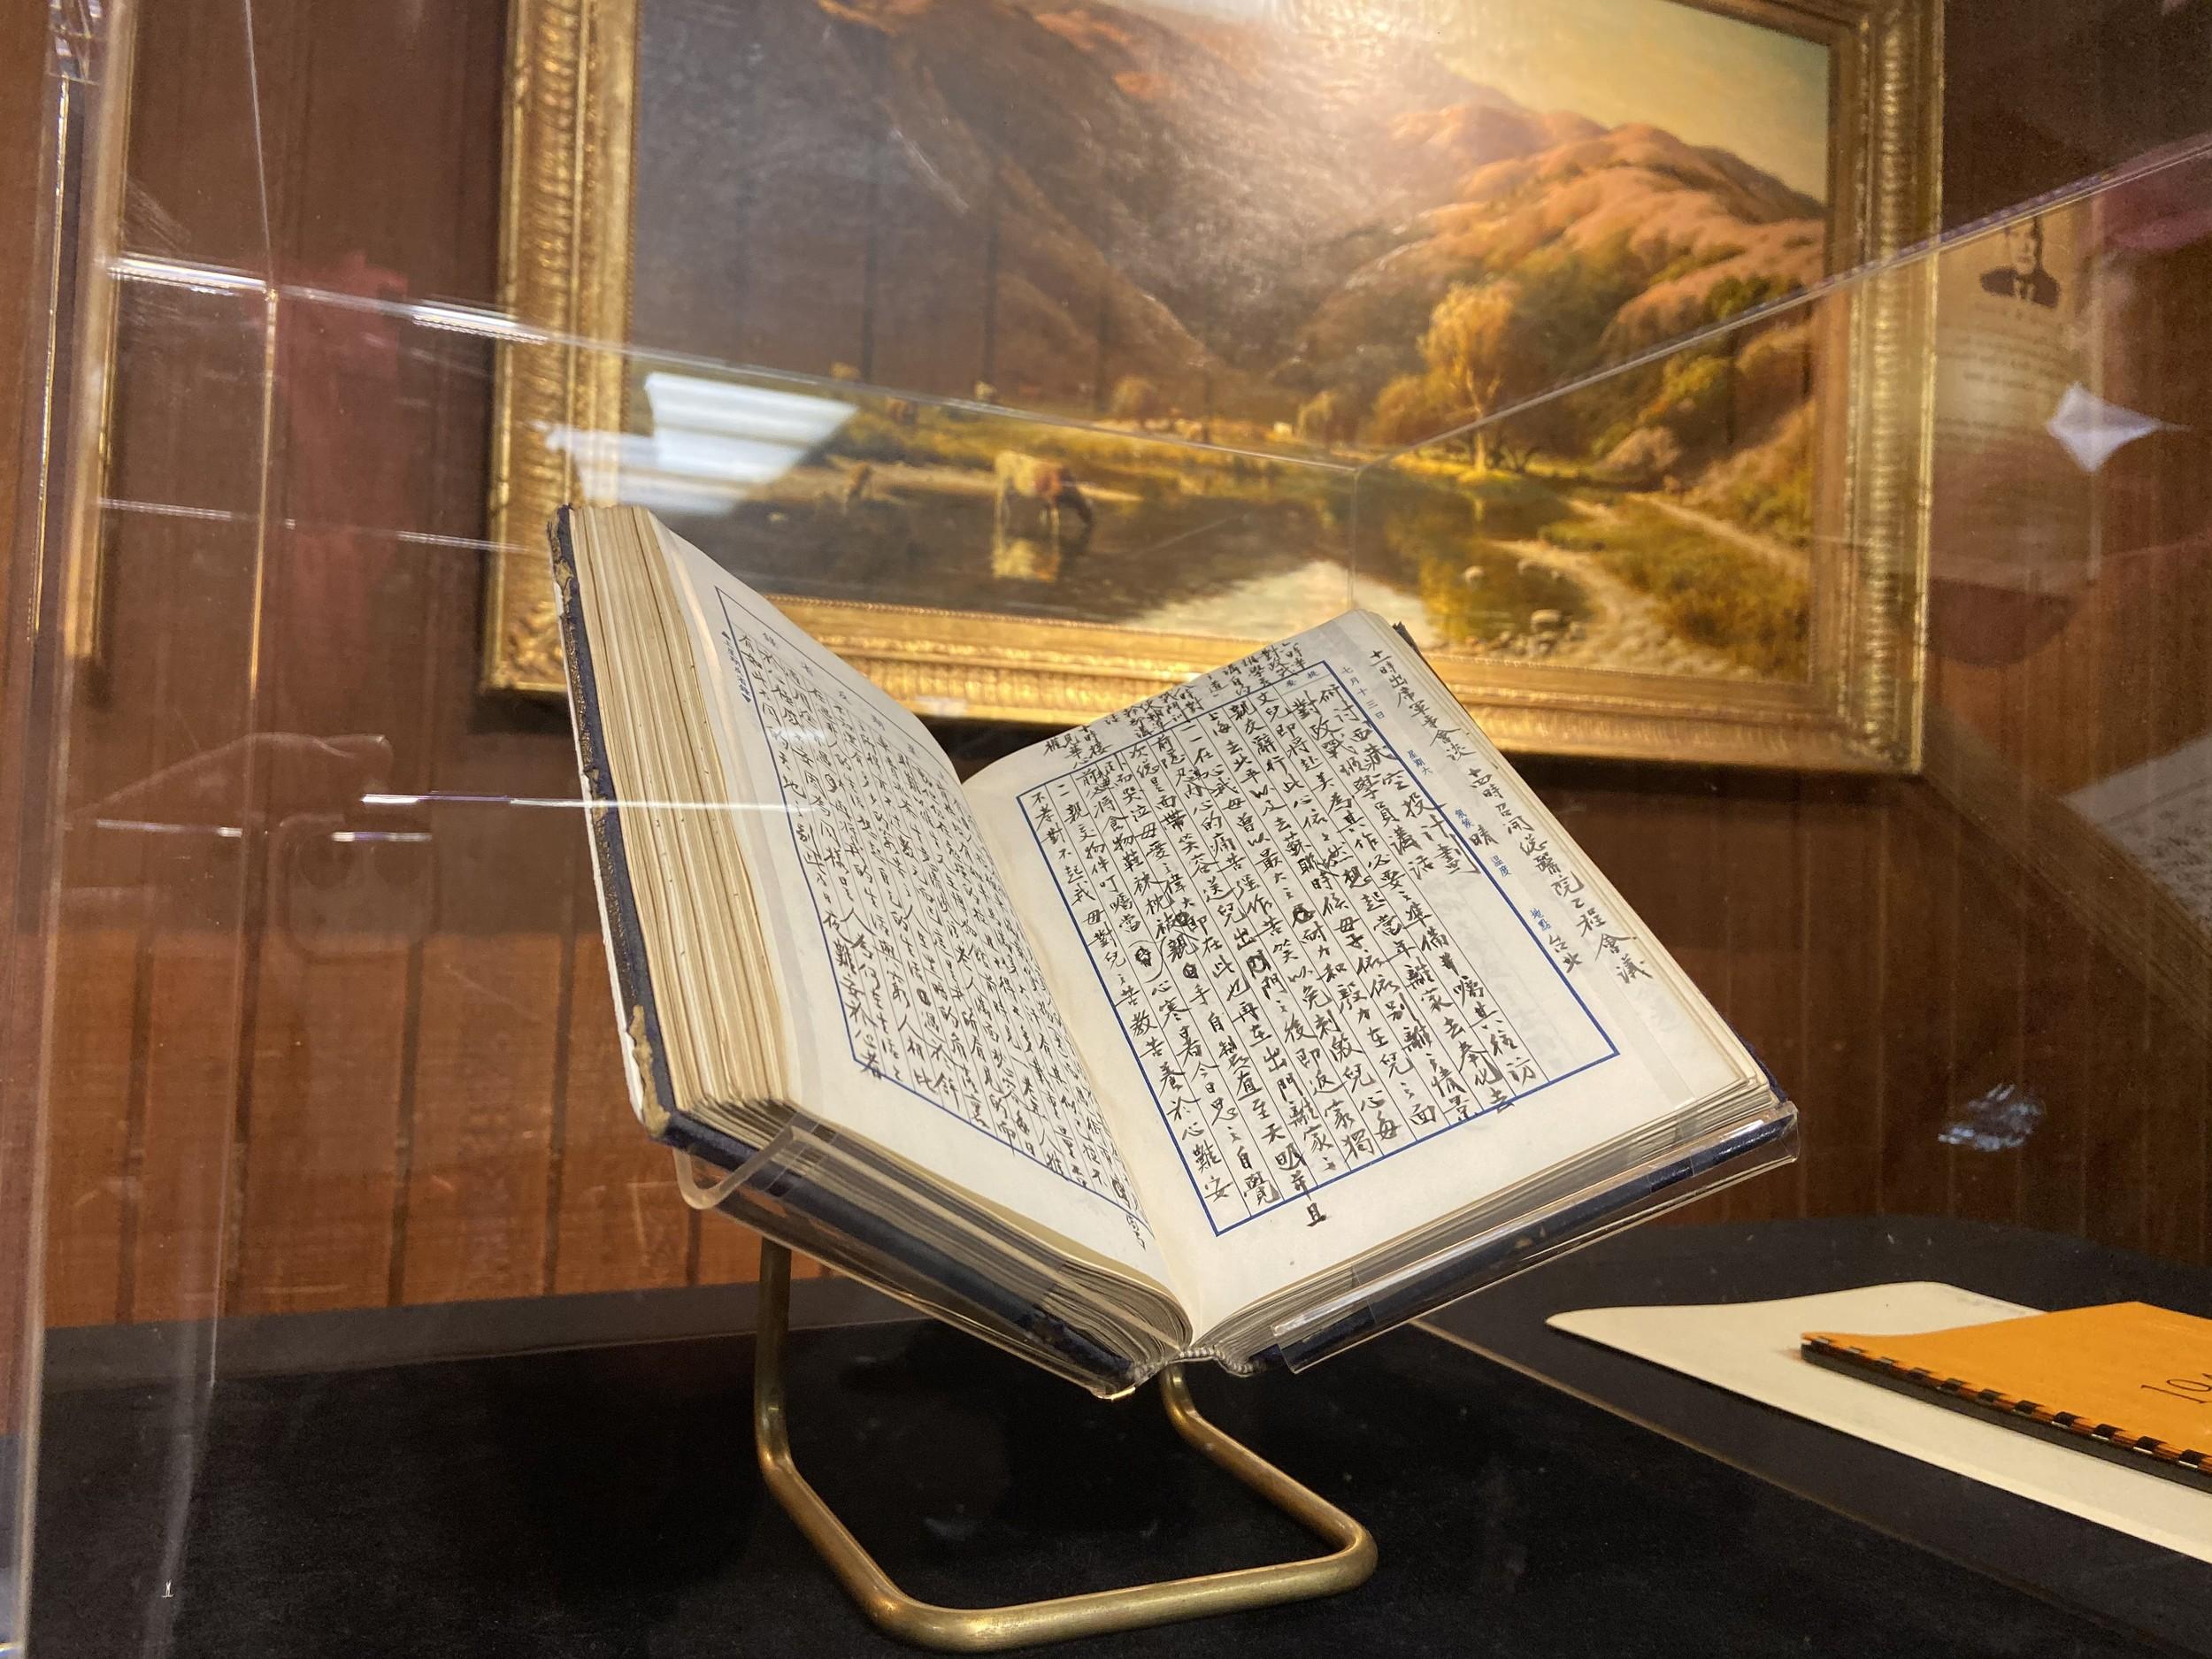 现场公布的蒋经国日记原件。(王允摄影)